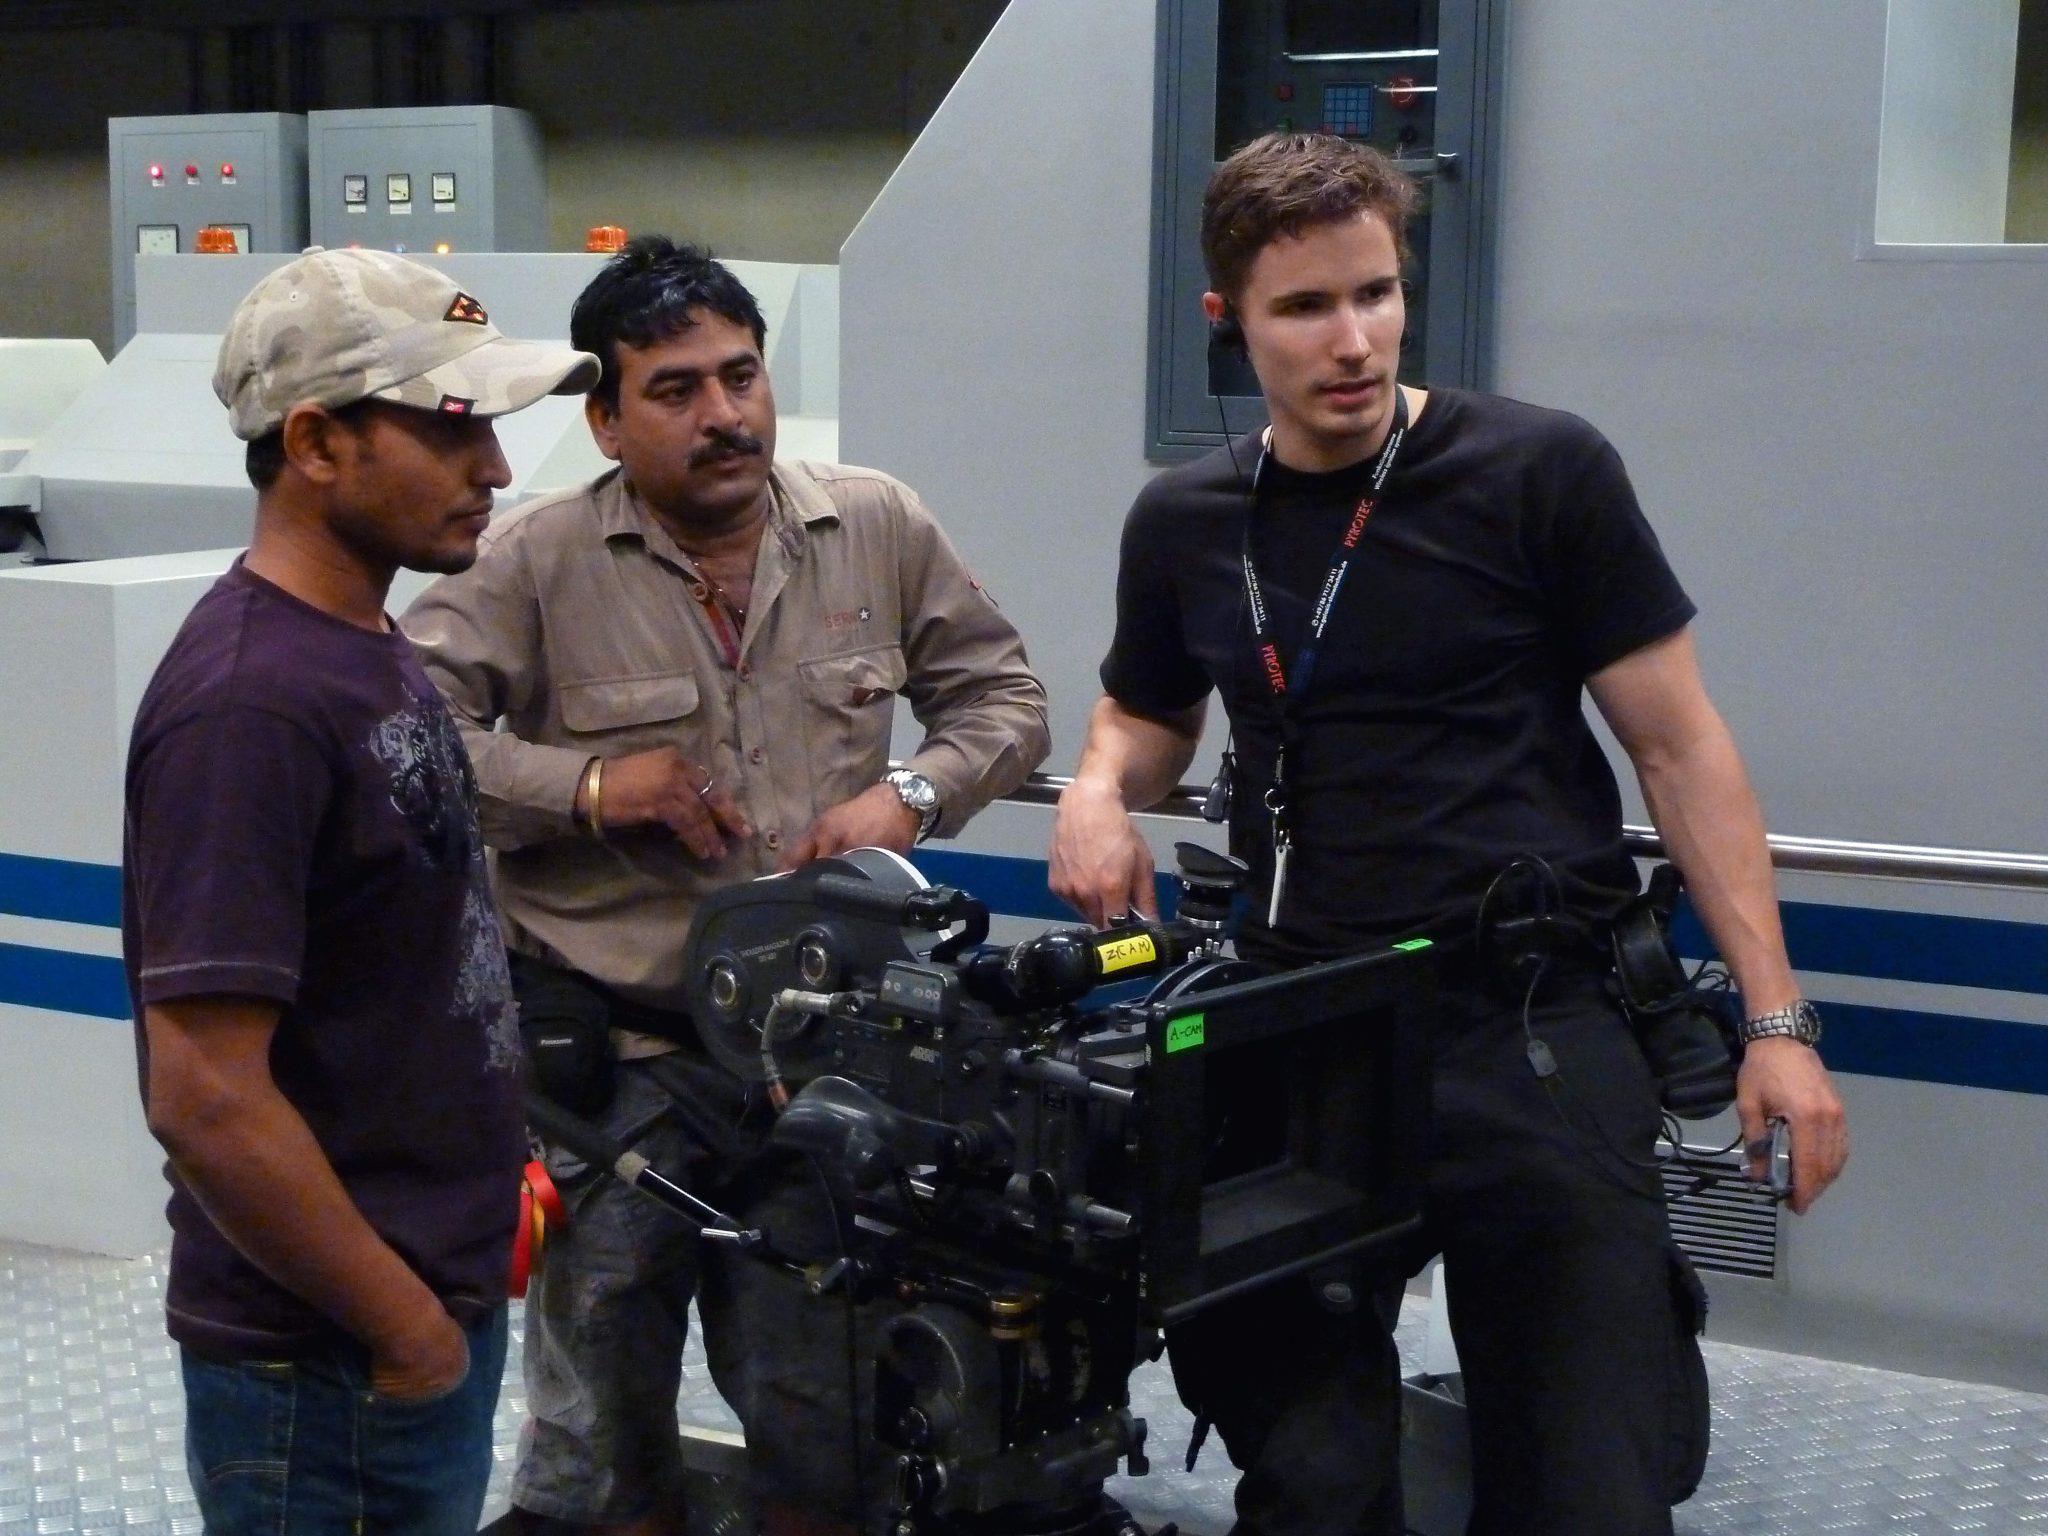 Martin Goeres, MG-Action, Stunt Koordinator, Don 2, Sharukan, Movie, Set, Action, Stunt